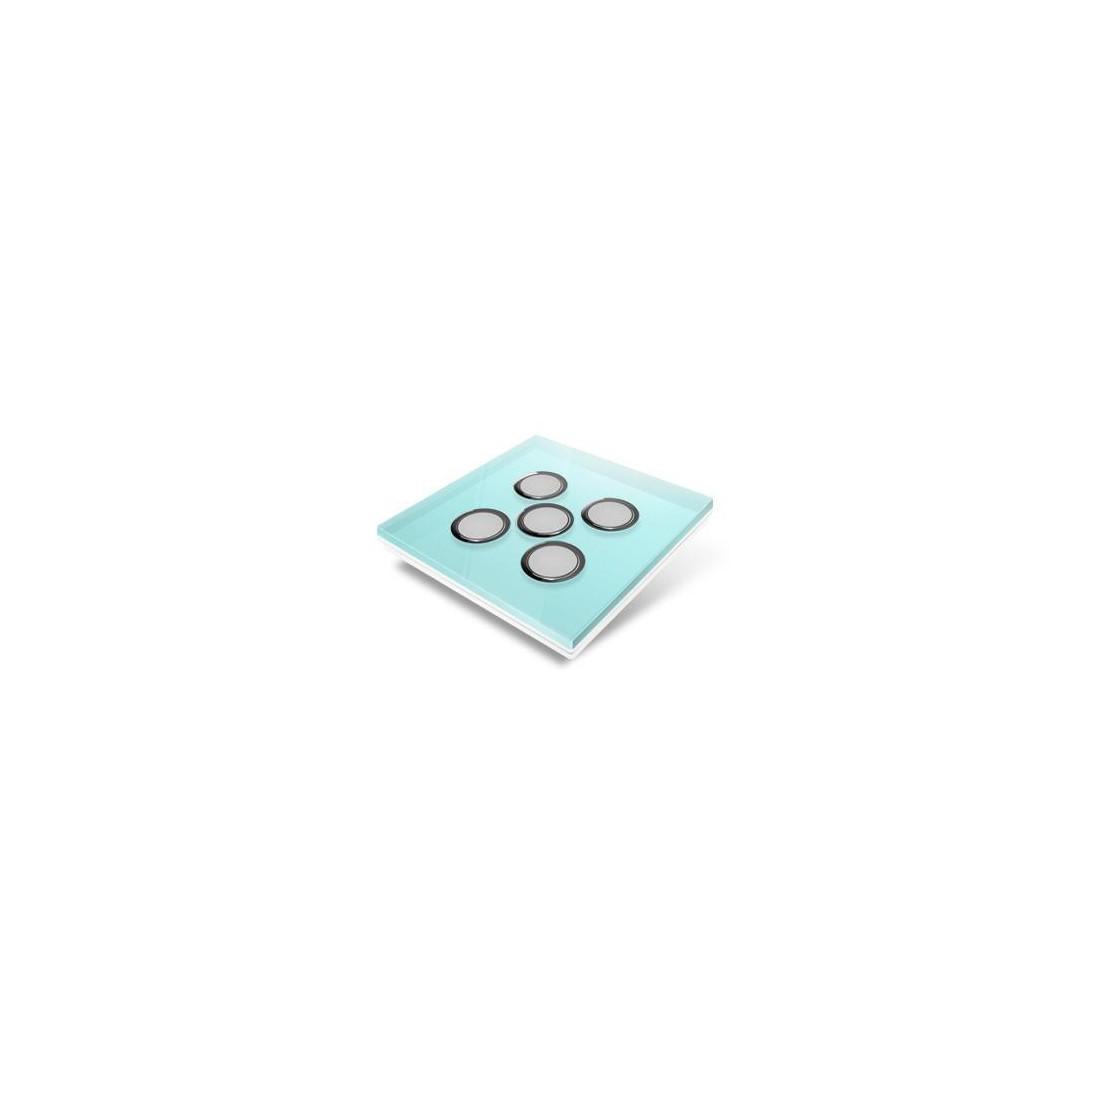 Afdekplaat voor Edisio-schakelaar - glas, lichtblauw